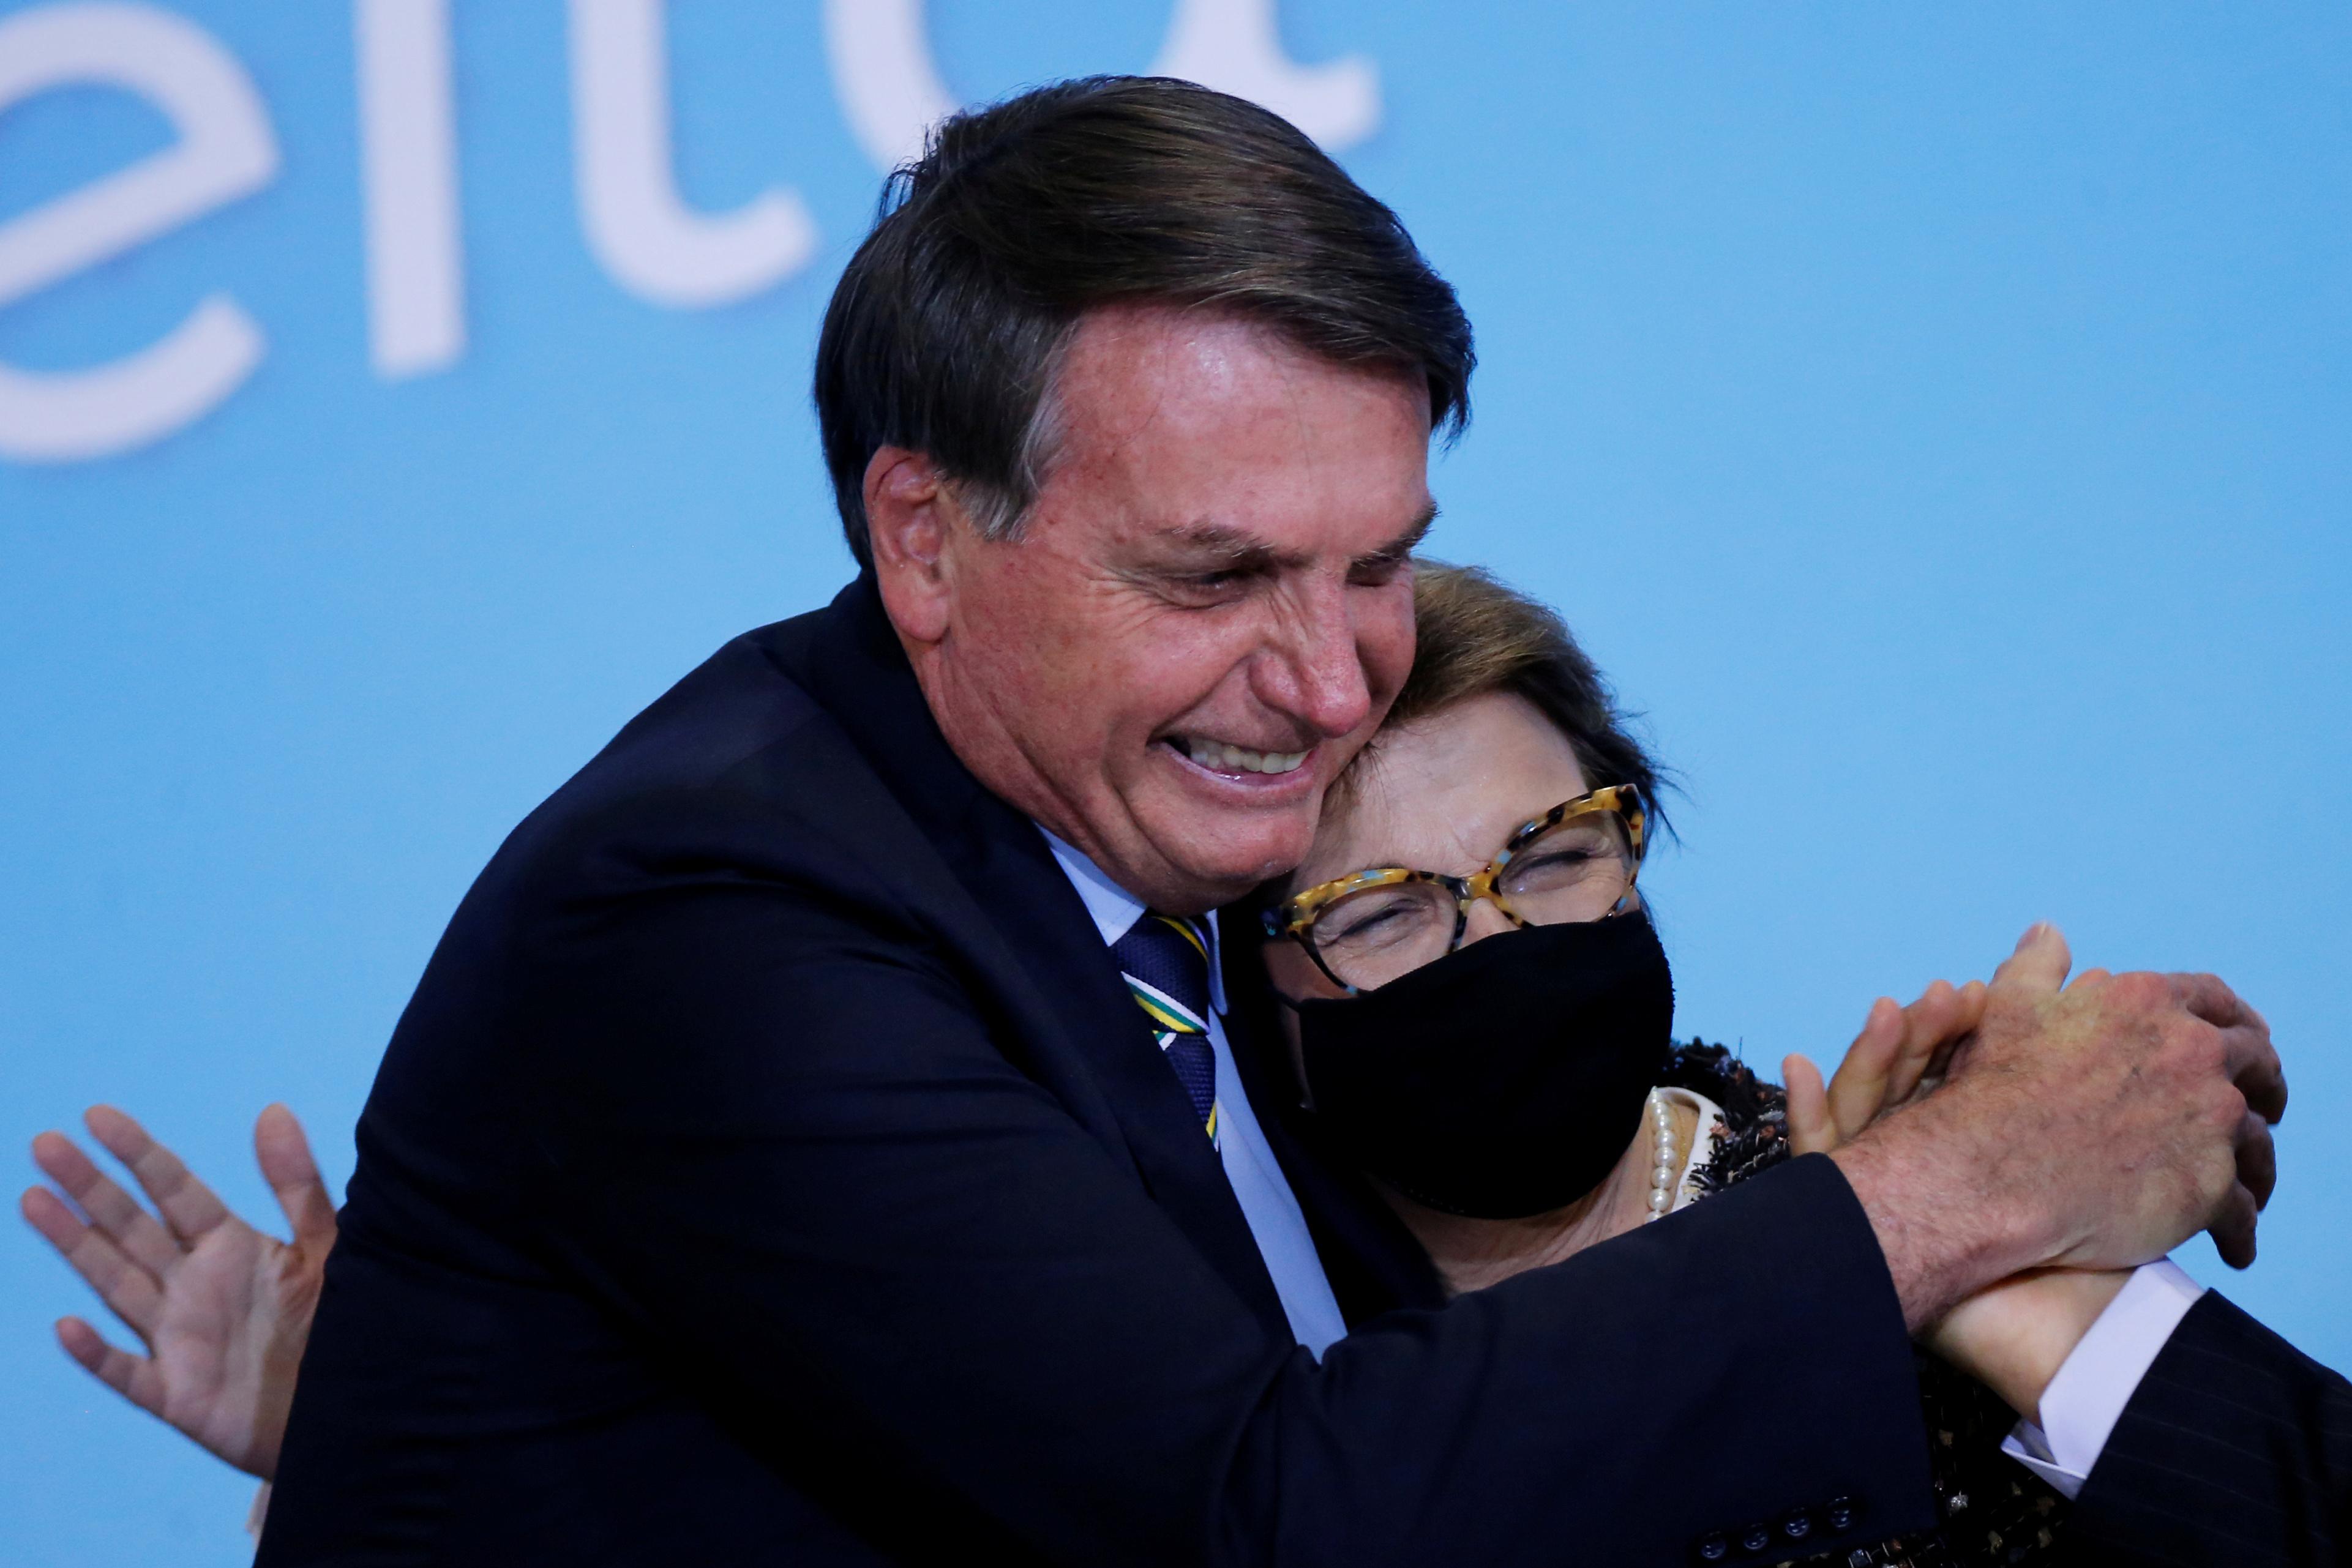 Bolsonaro abrazando a la ministra de Agricultura Tereza Cristina, el 17 de junio pasado REUTERS/Adriano Machado